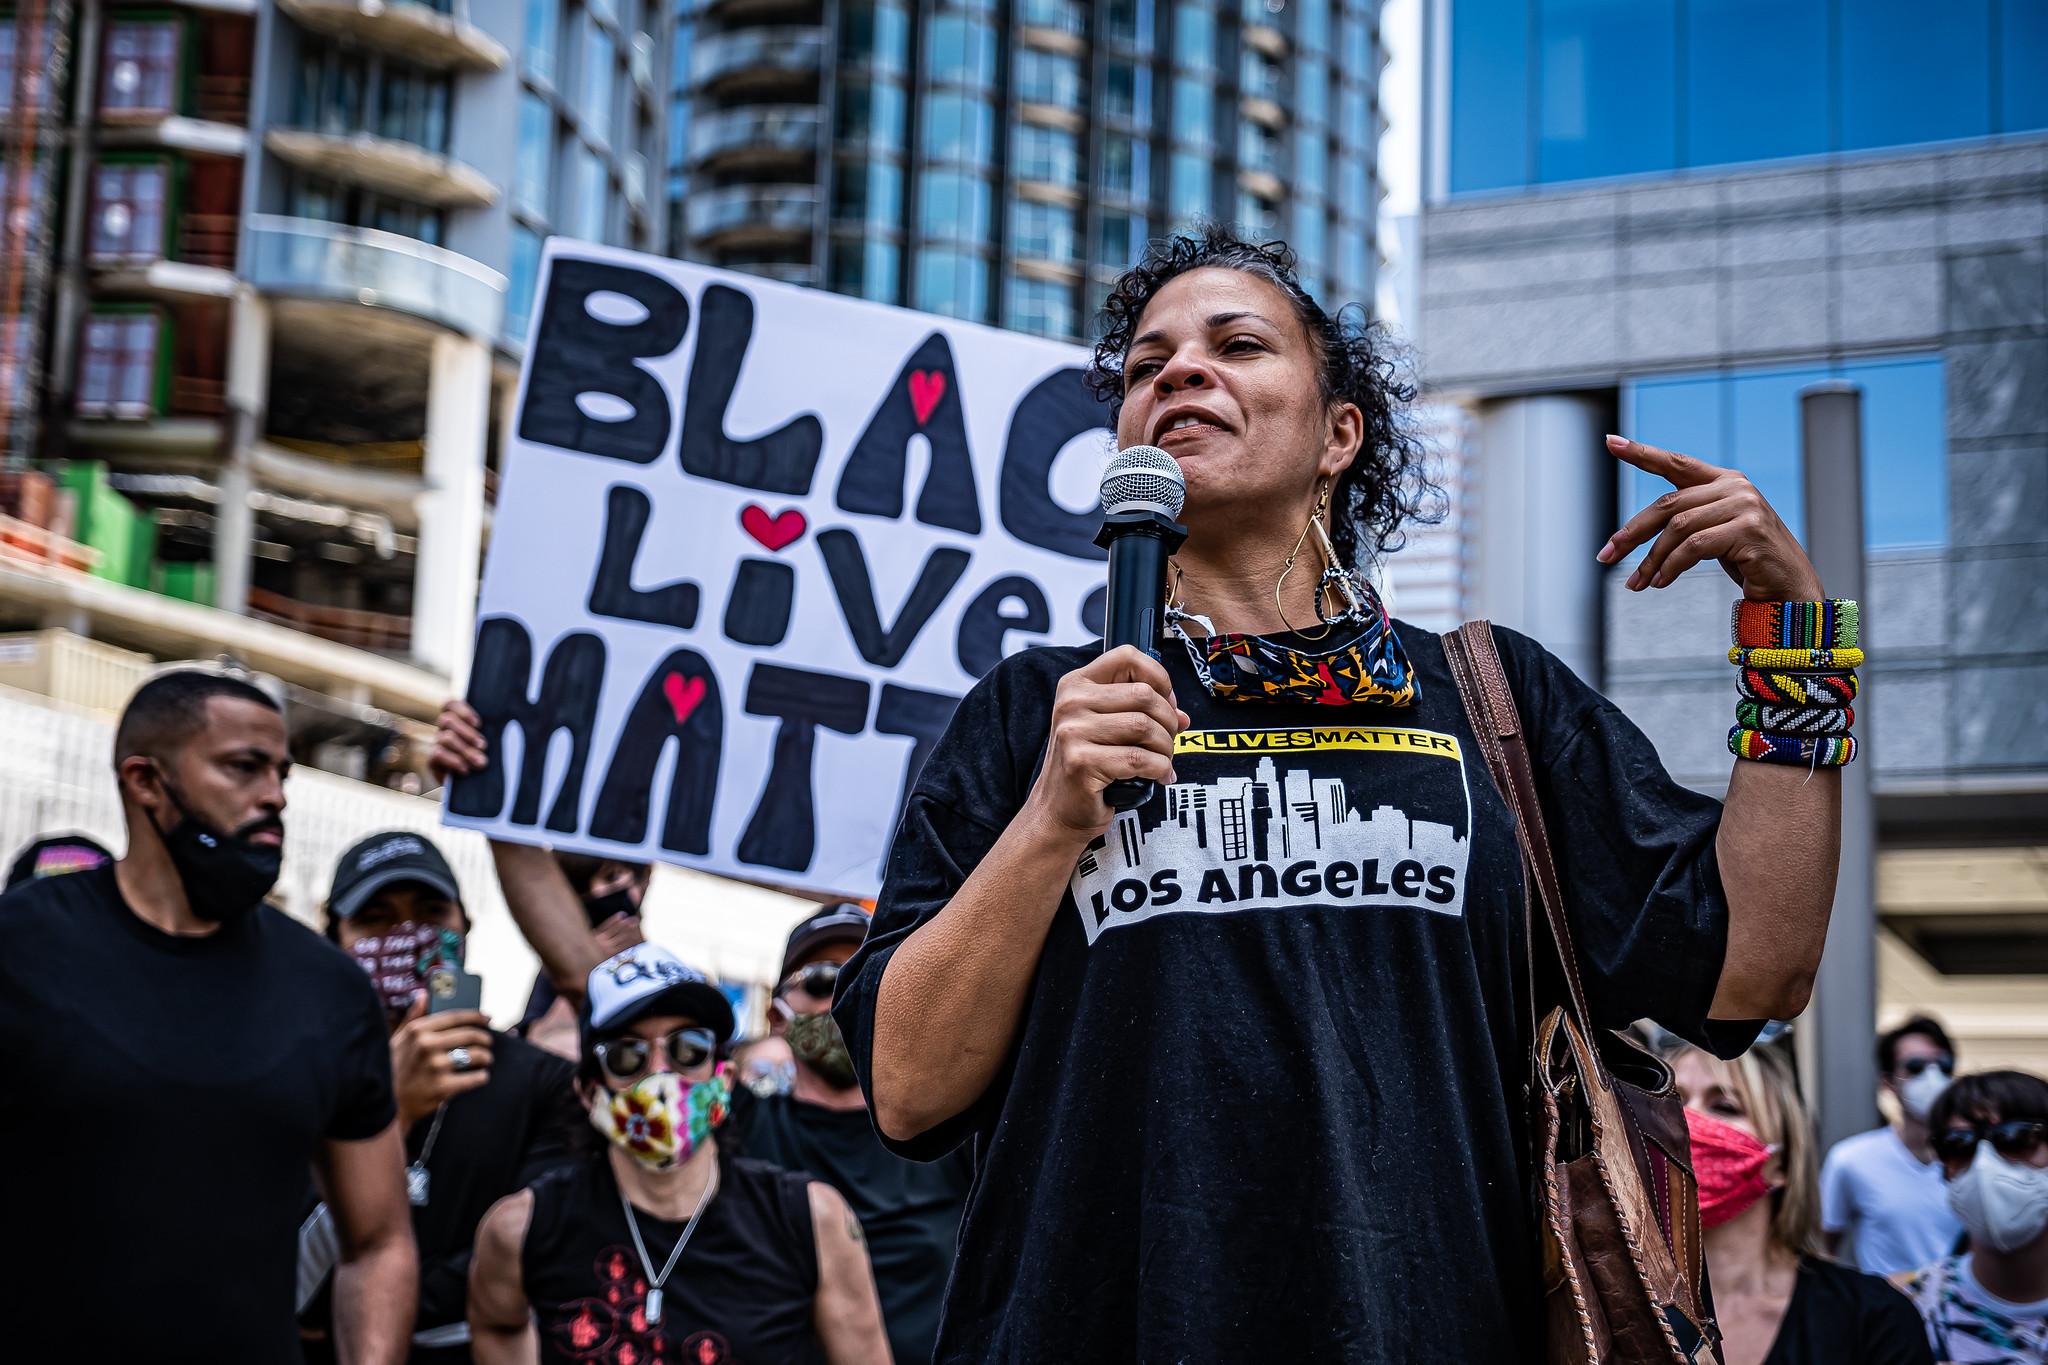 Black Lives Matter protest in Century City, California on June 6, 2020. (Brett Morrison/CC BY 2.0)